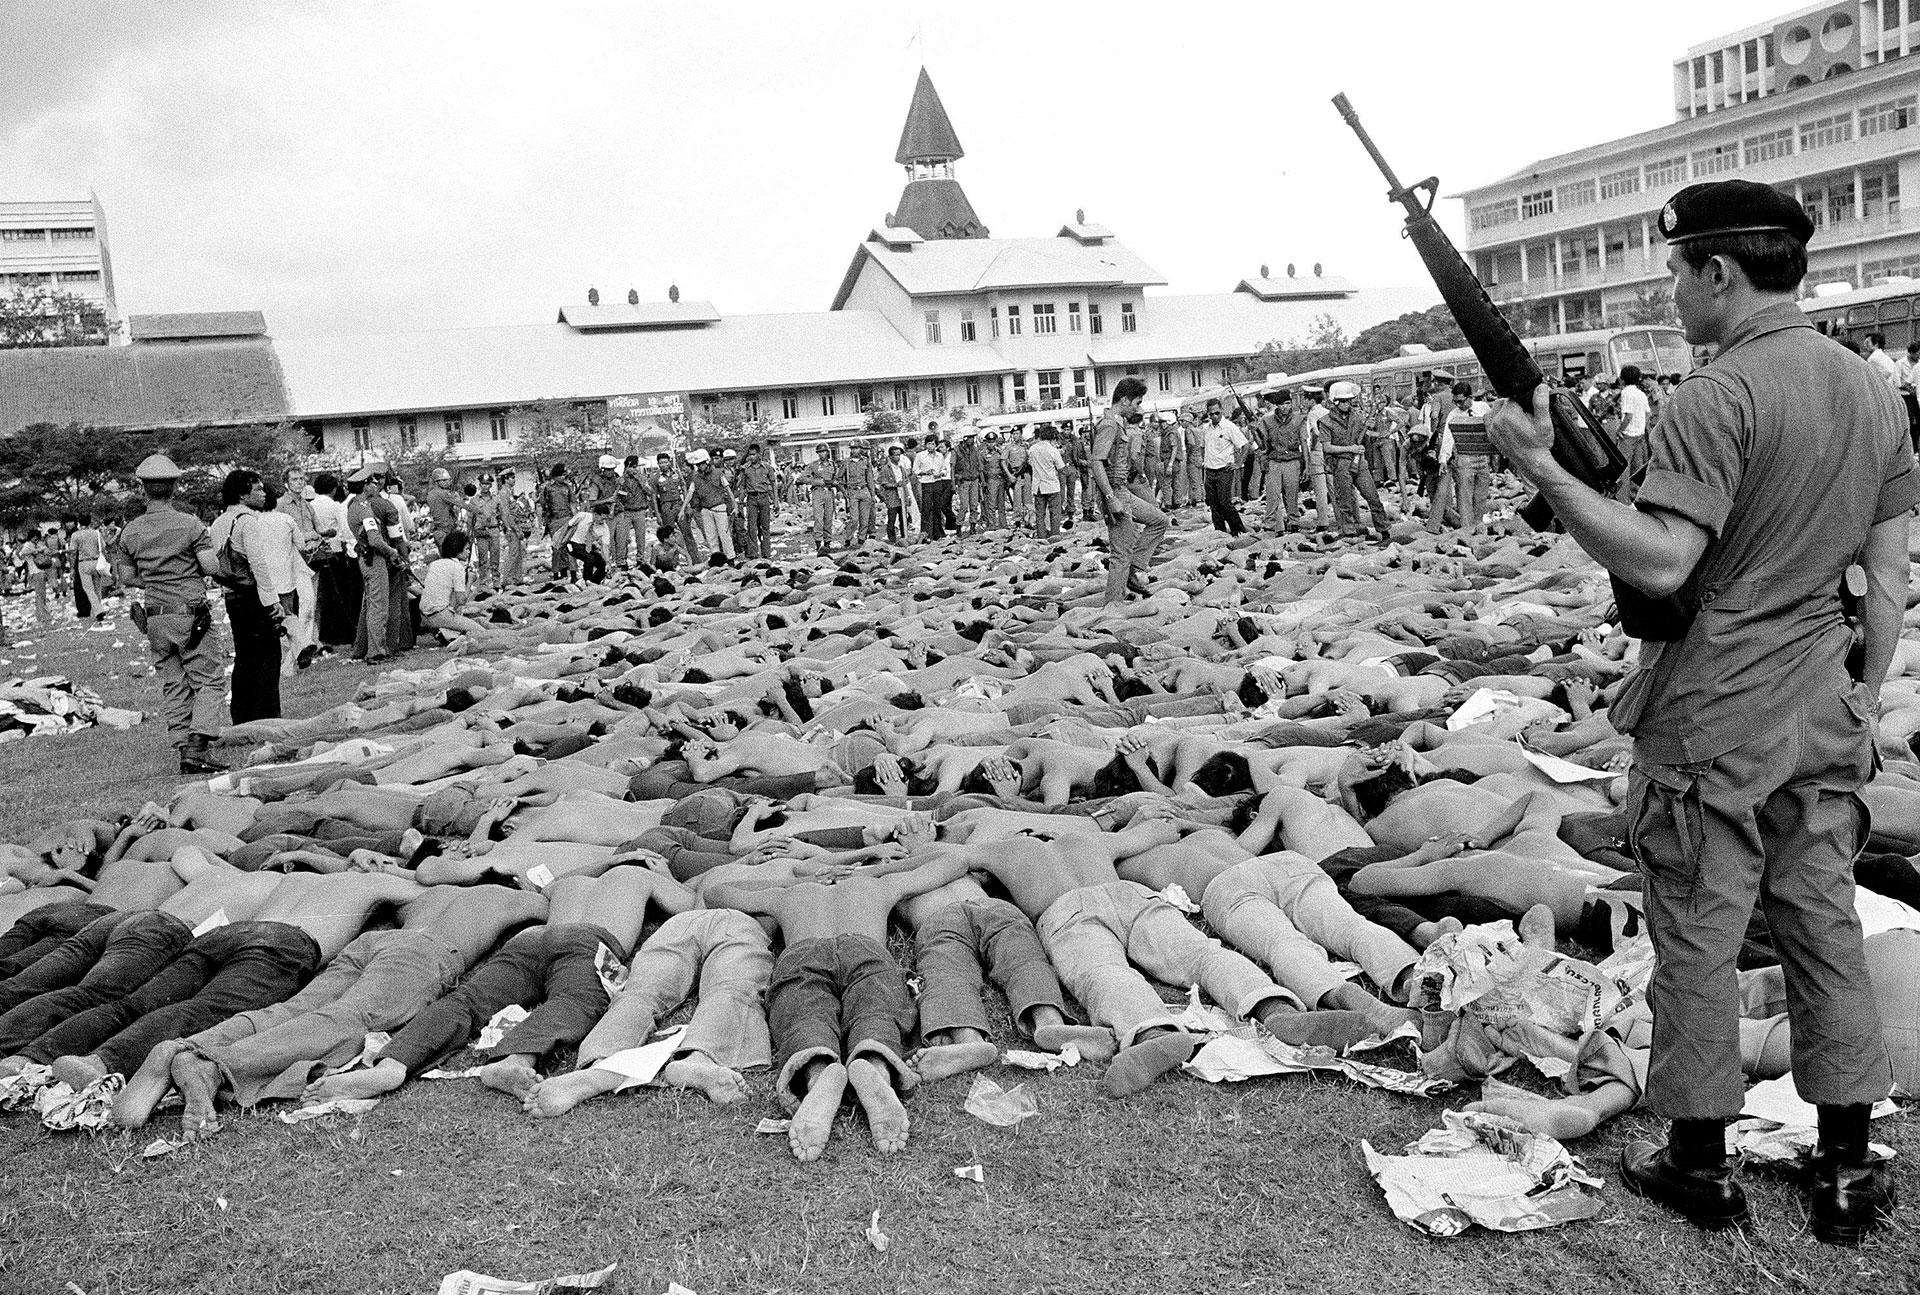 Un soldado custodia a los estudiantes detenidos durante los disturbios en el campus universitario (AP)